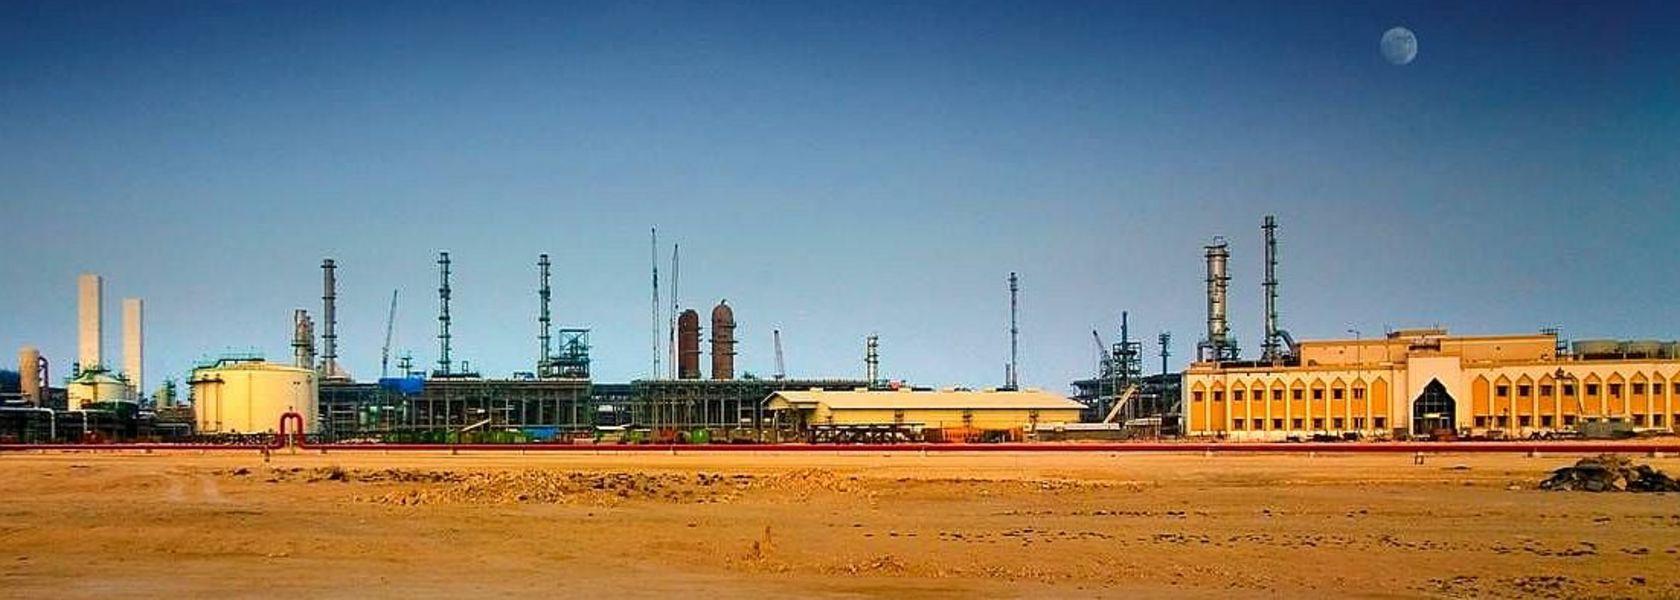 Sasol moots Australian GTL plant - Energy News Bulletin